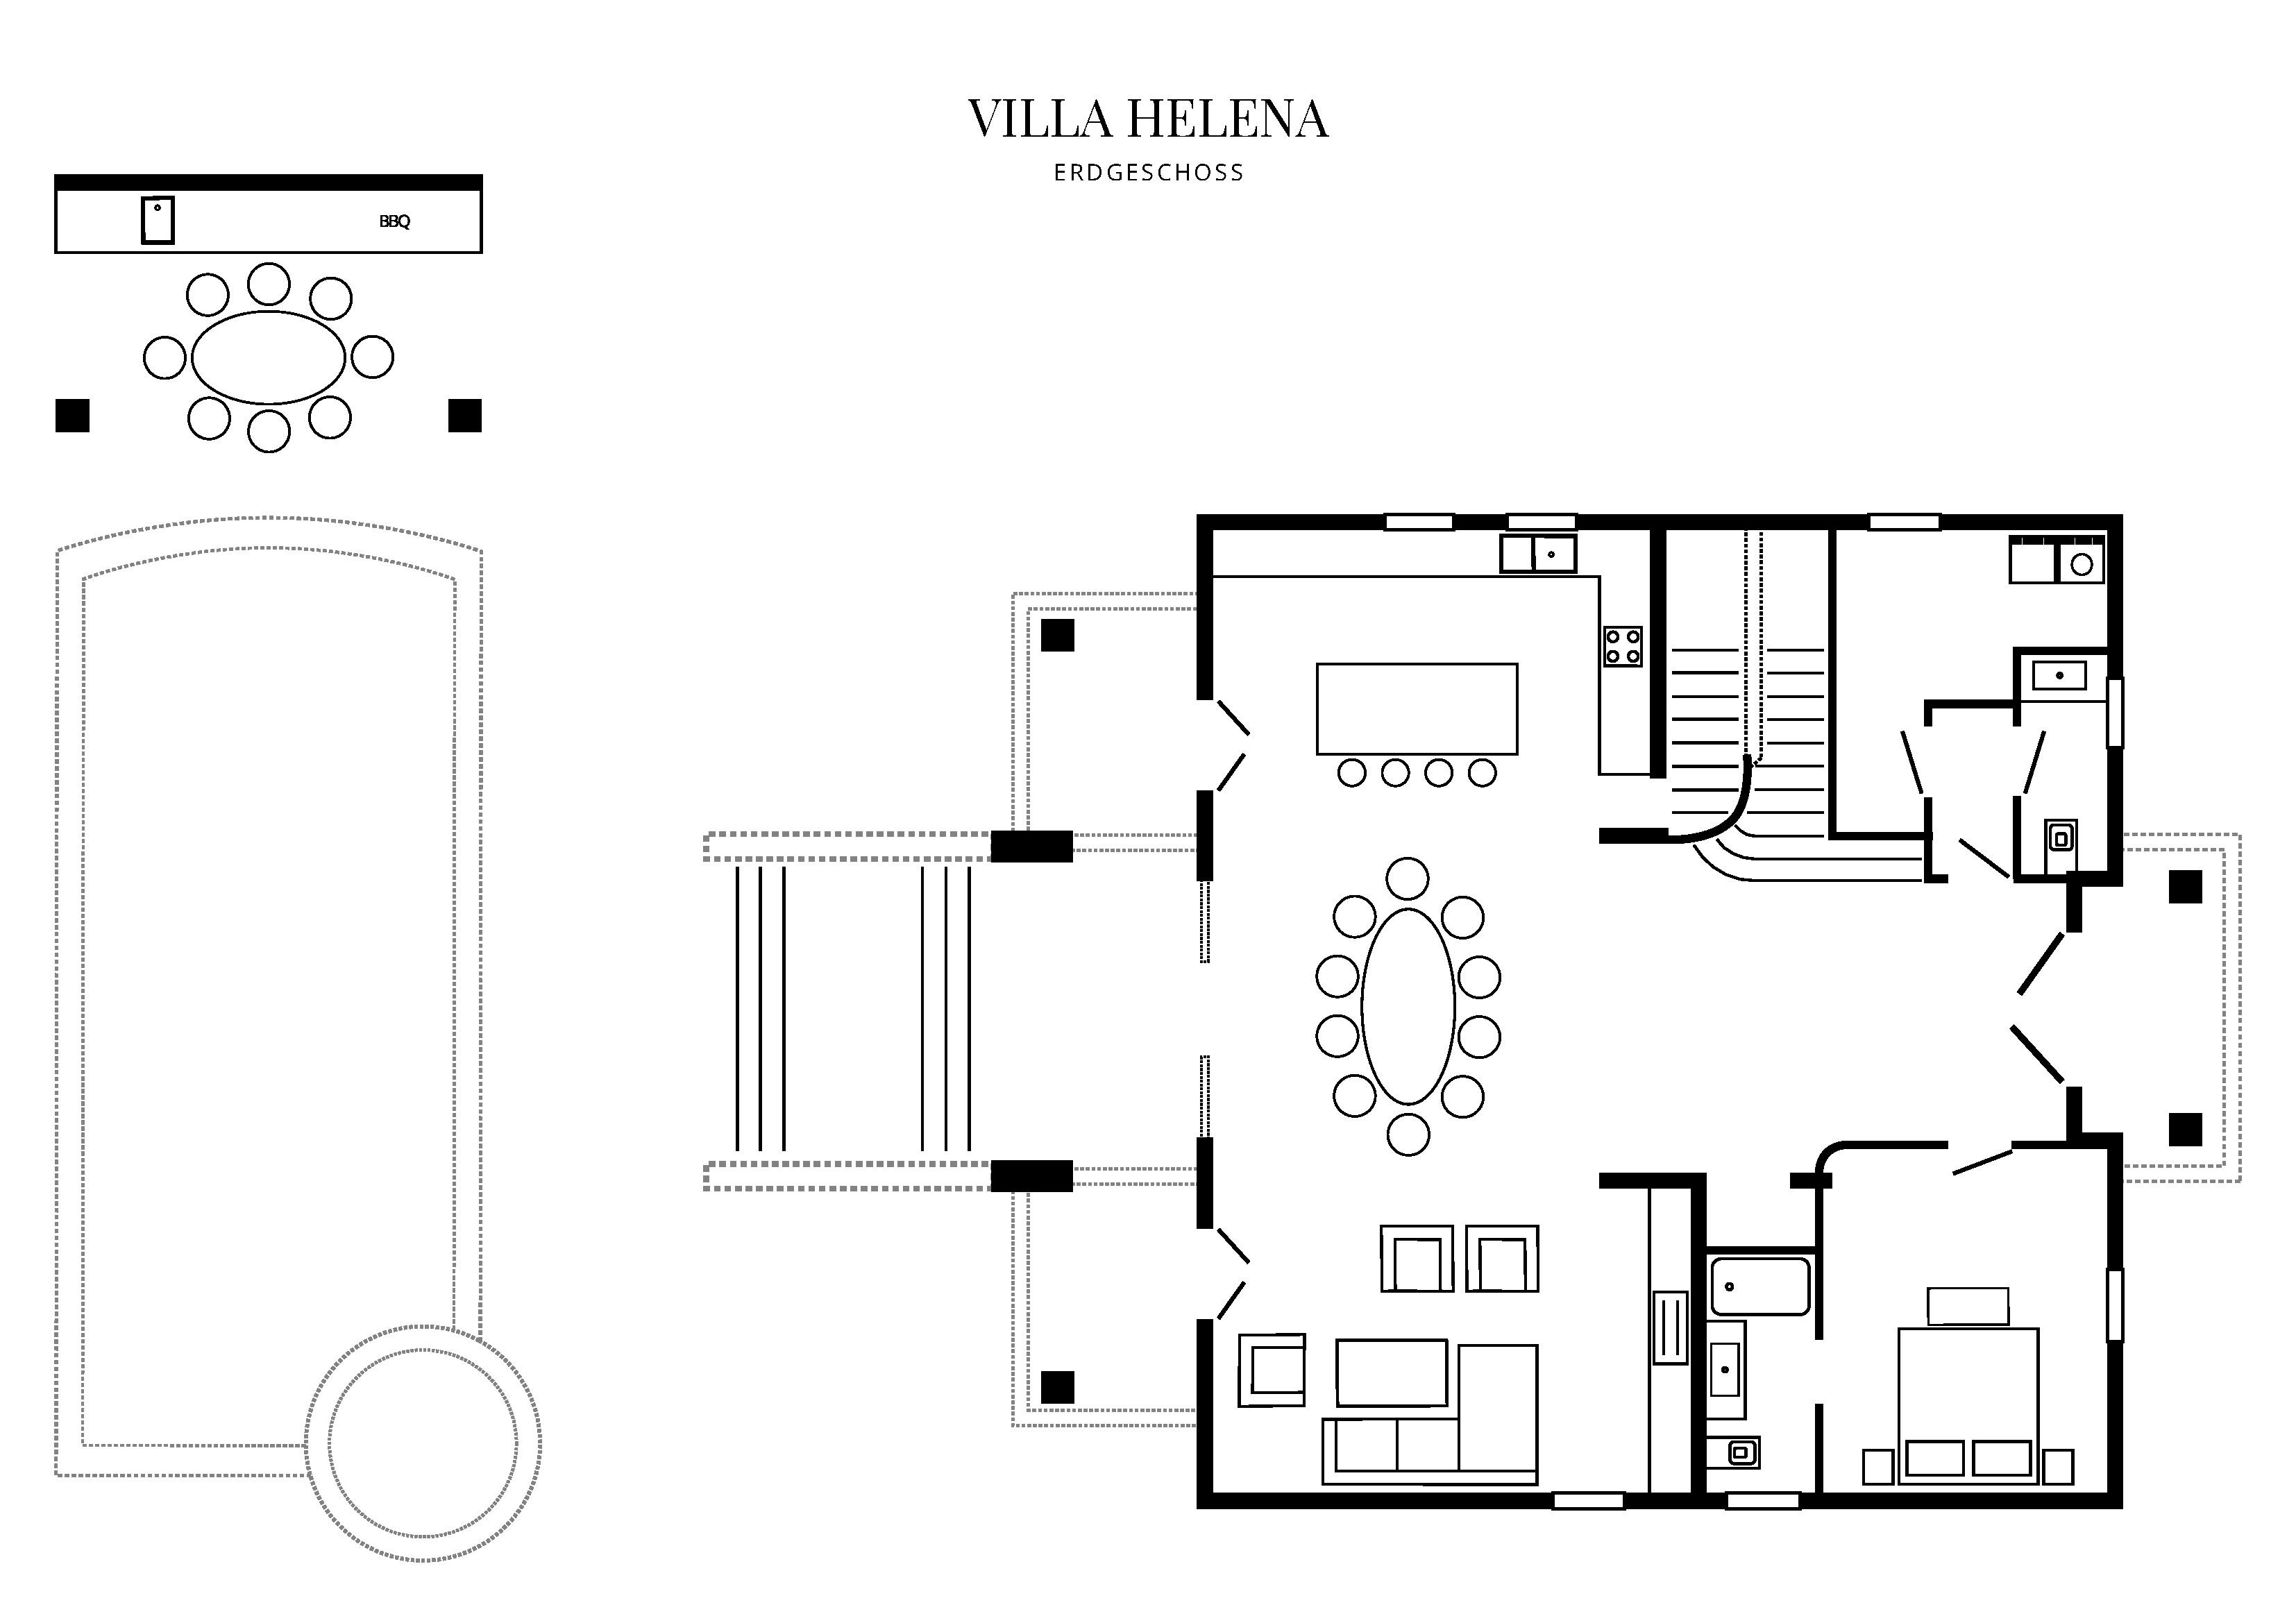 Grafik Grundriss Erdgeschoss Villa Helena